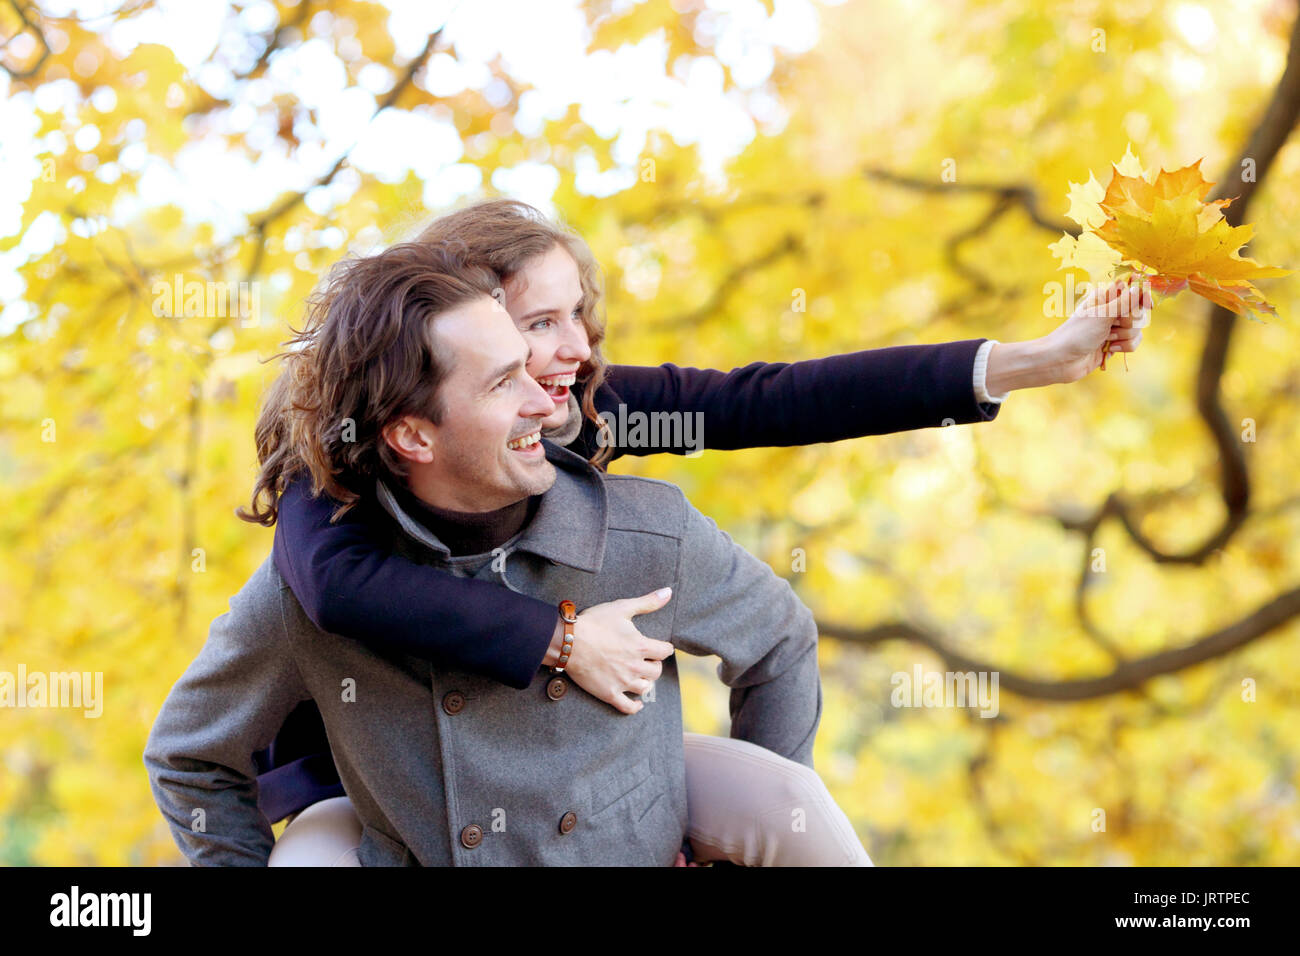 L'amour, les relations, la saison et les gens concept - happy young couple having fun in autumn park piggyback ride Photo Stock